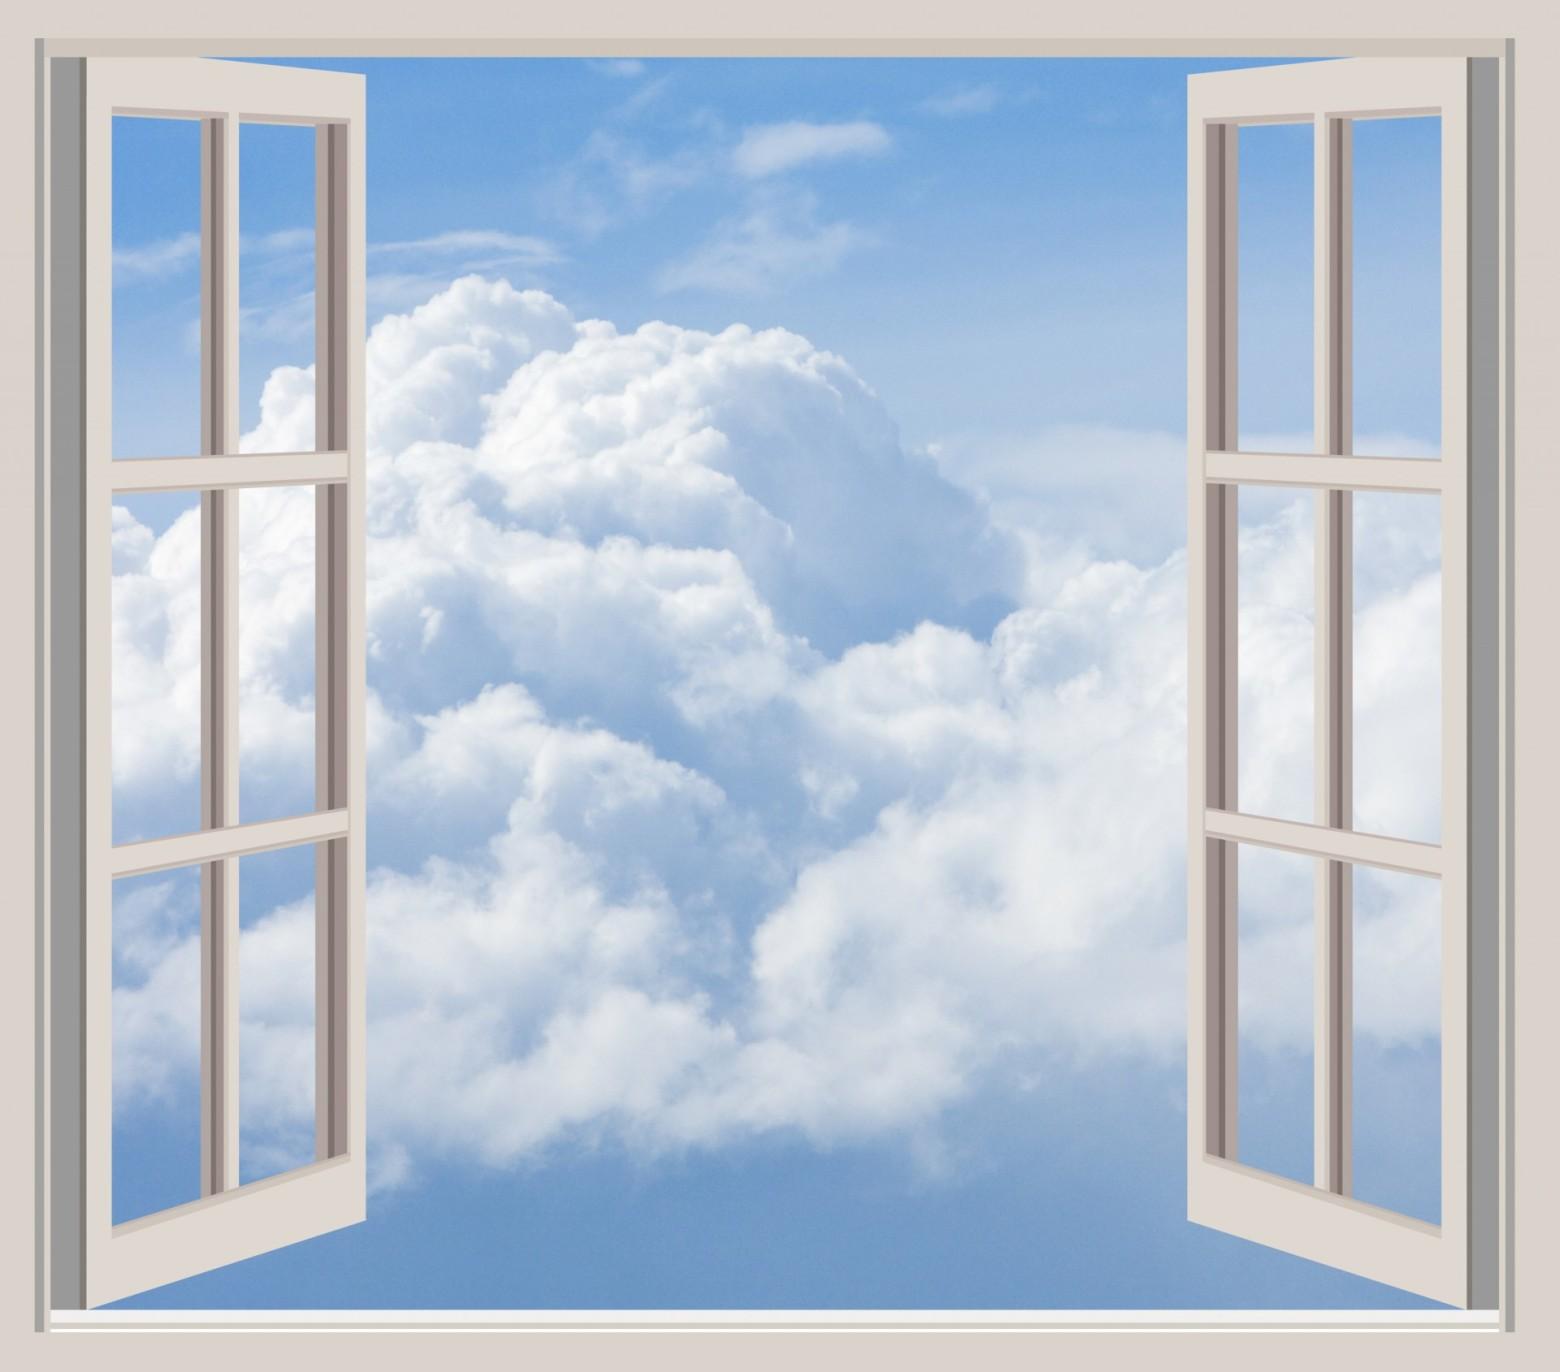 Fen tre vue sur le ciel et les nuages images gratuites for Condensation sur les fenetres